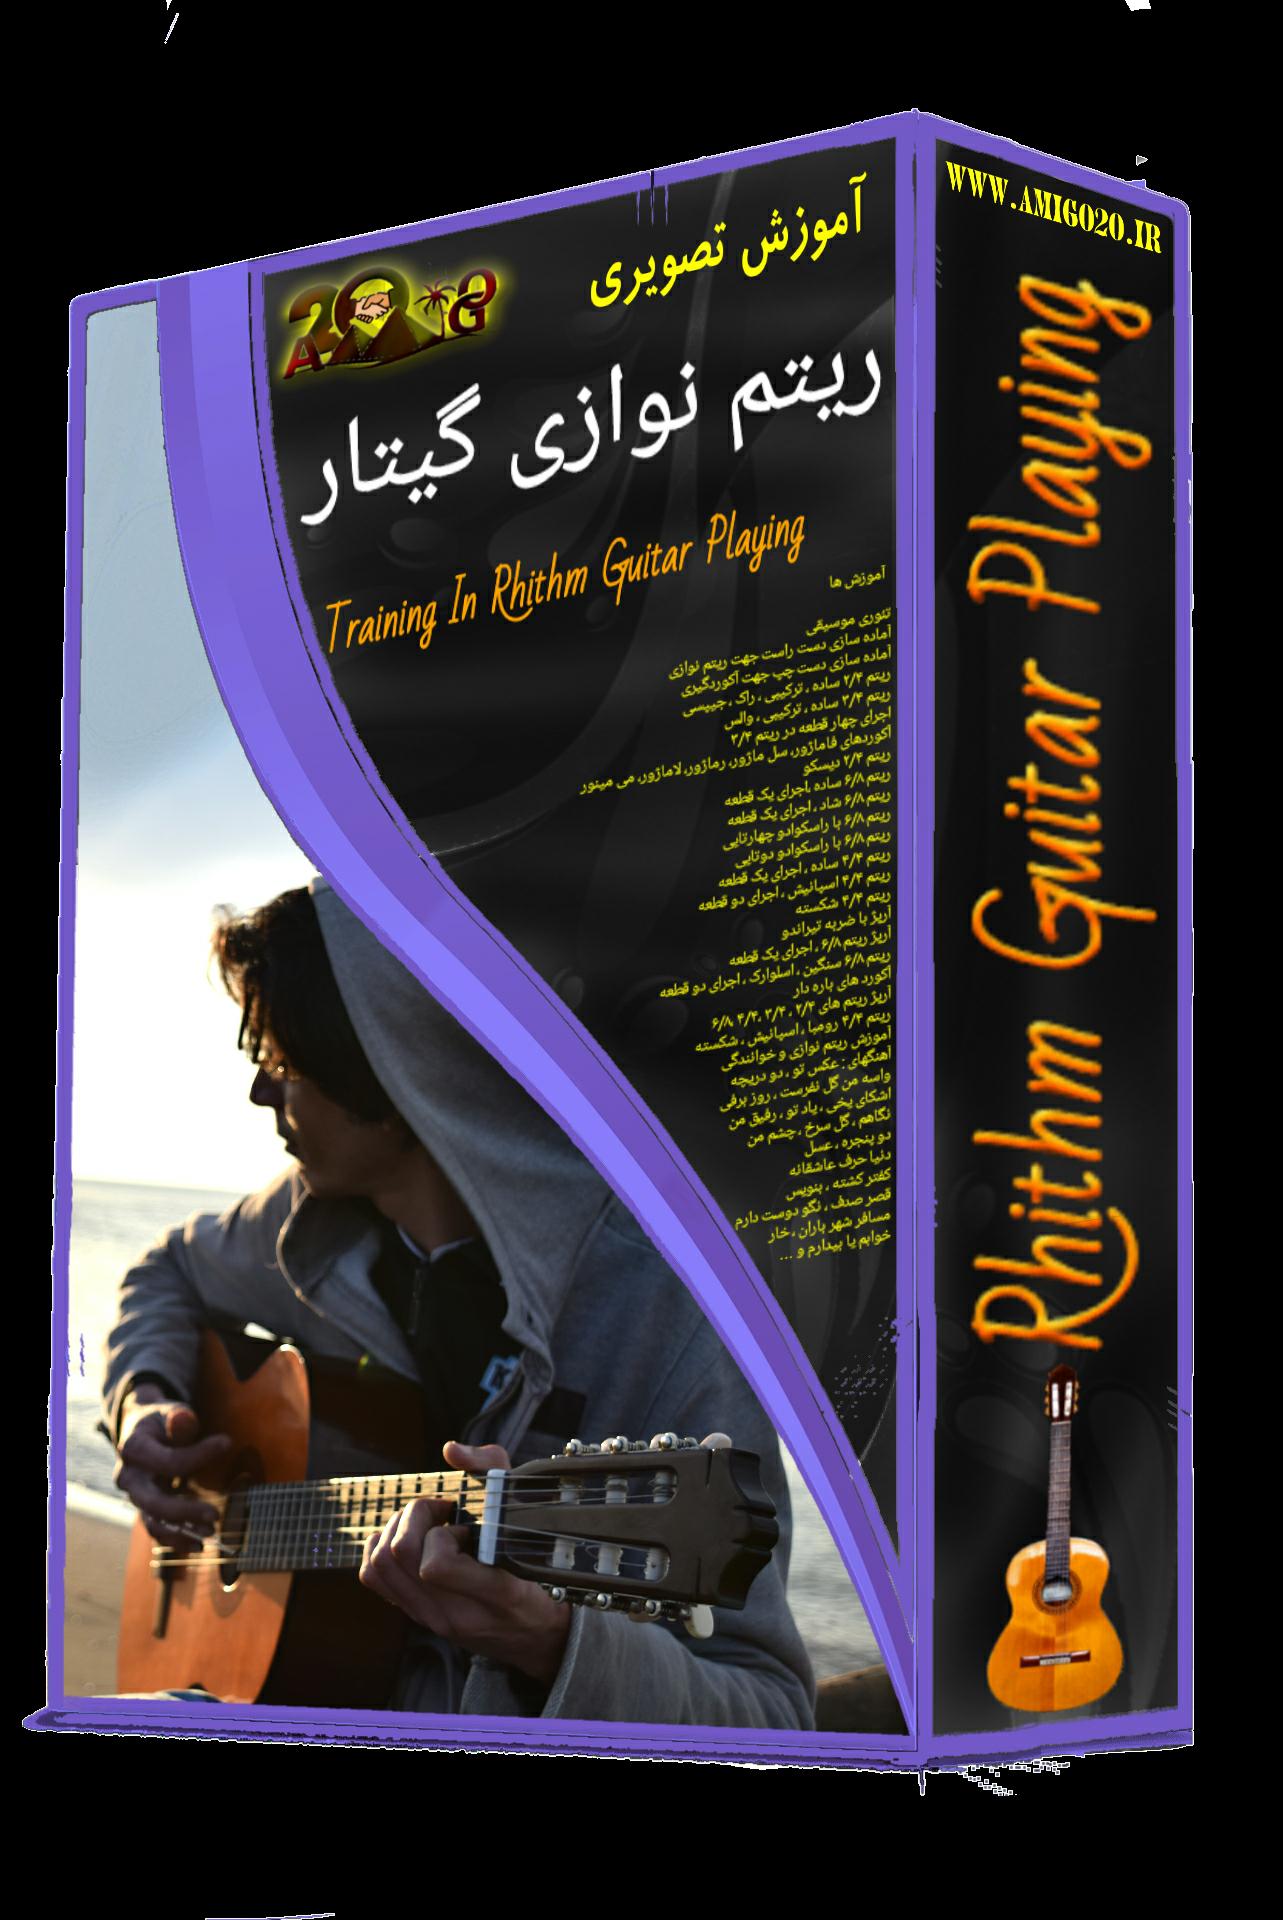 آموزش تصویری ریتم نوازی گیتار